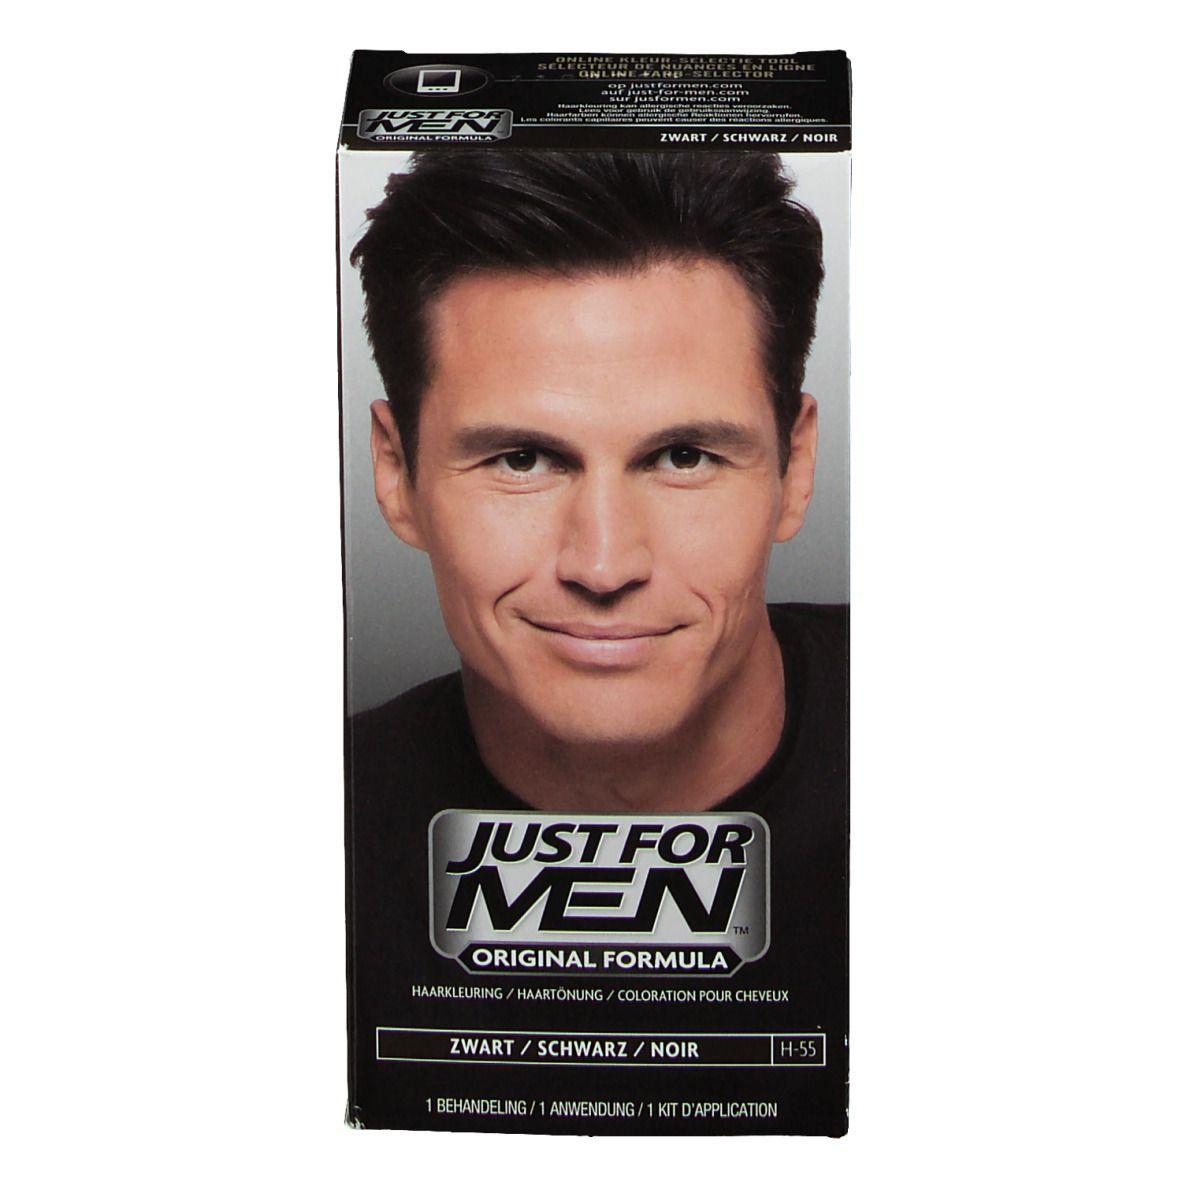 JUST FOR MEN Pflege-Tönungs-Shampoo schwarz